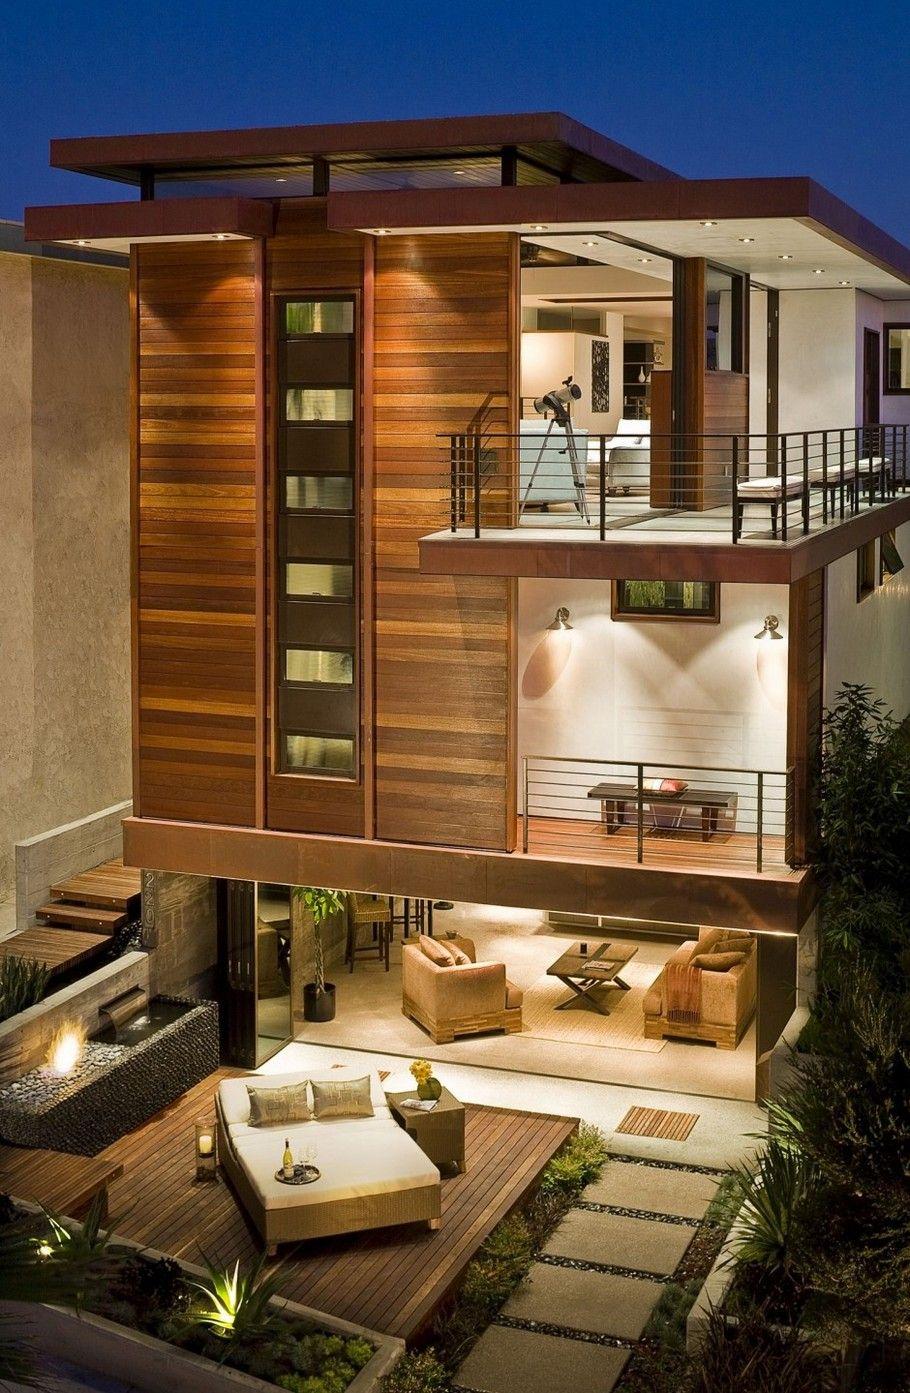 A Sea Of Luxury House Design Interior Architecture Design Dream House